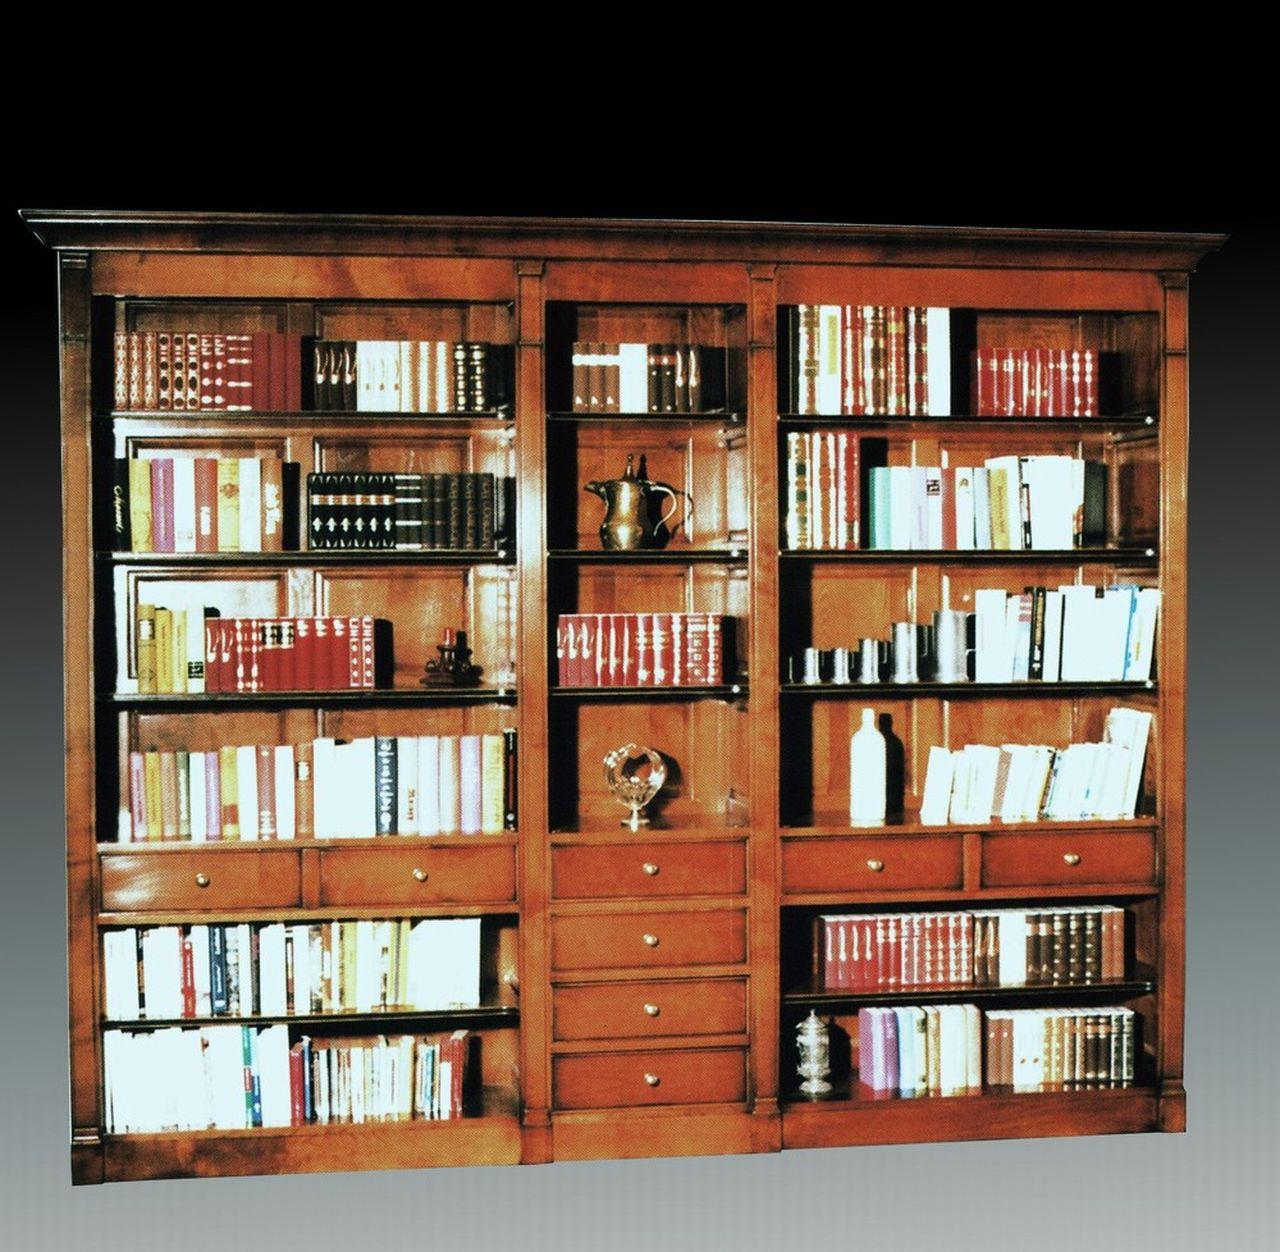 meuble en bois meuble design meuble chene meuble merisier. Black Bedroom Furniture Sets. Home Design Ideas